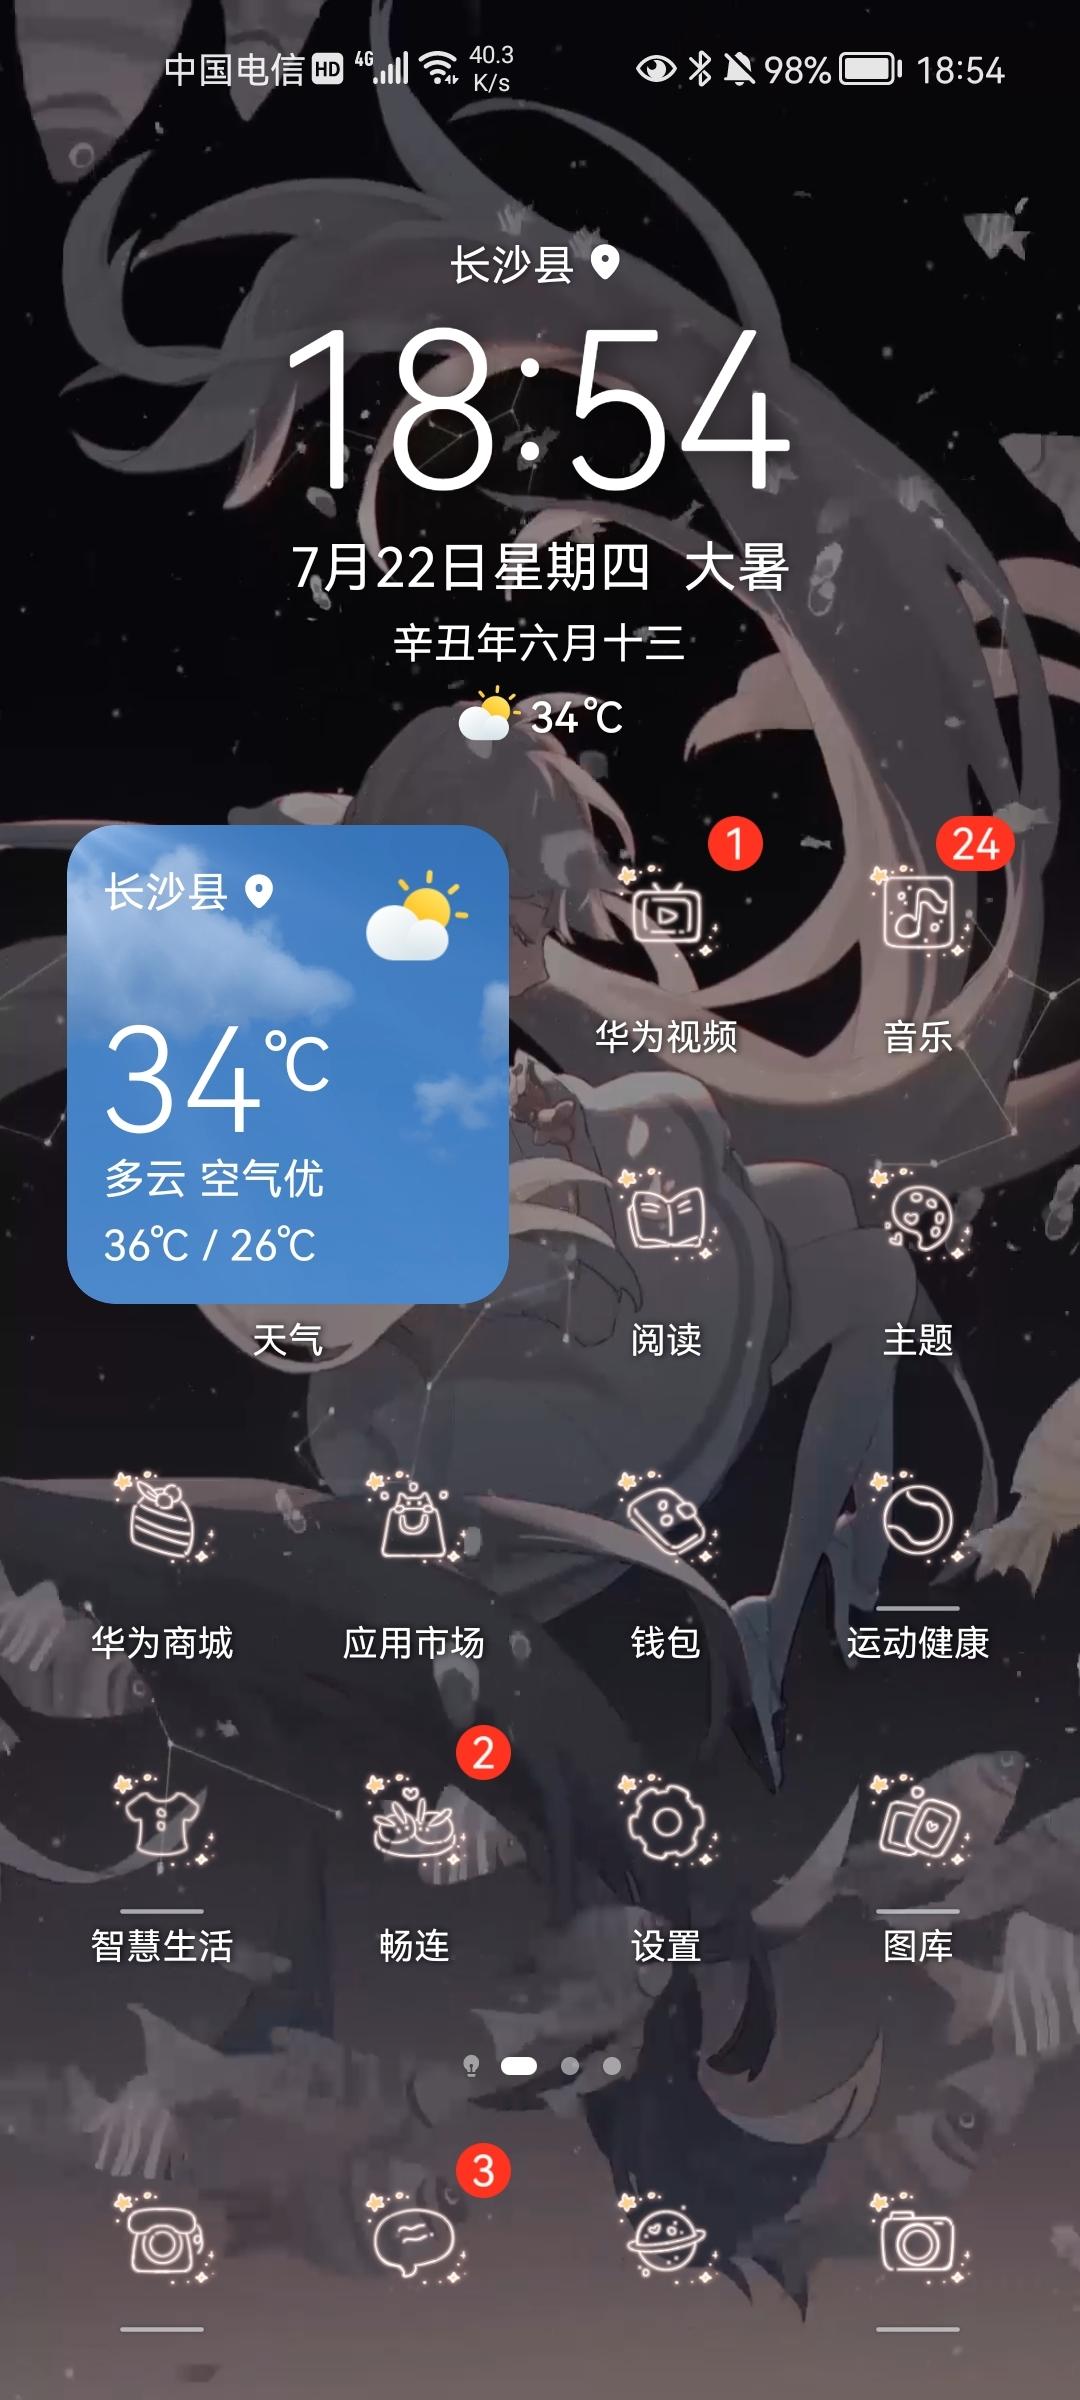 Screenshot_20210722_185422_com.huawei.android.launcher.jpg